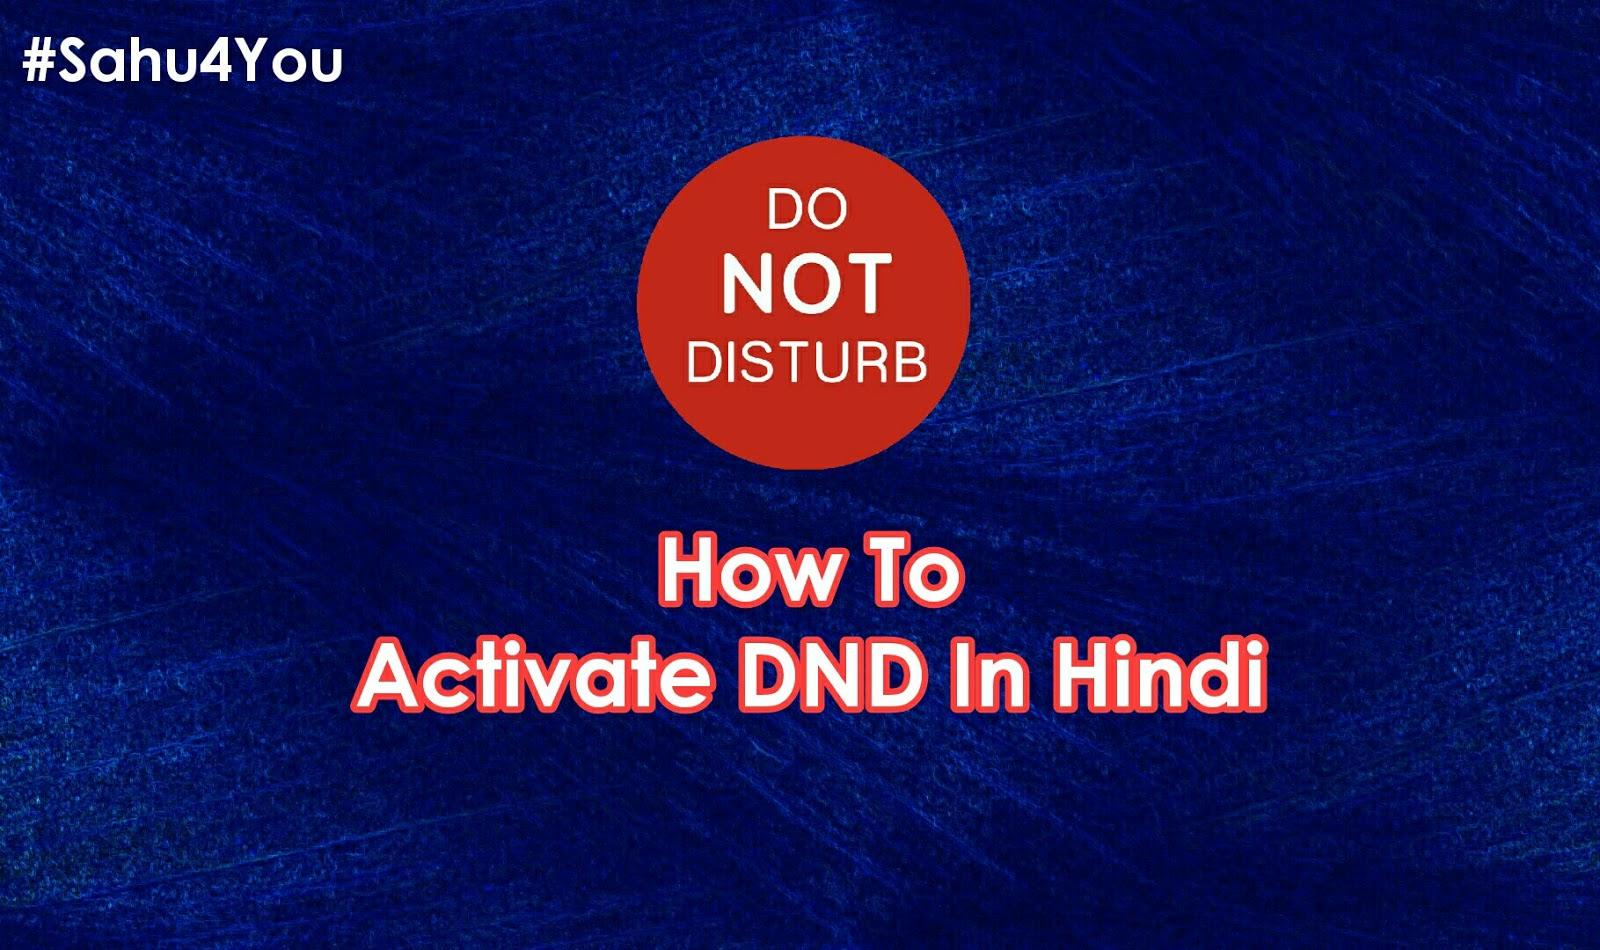 DND Kya Hai? DND Ko Activate Or Deactivate Kaise Kare